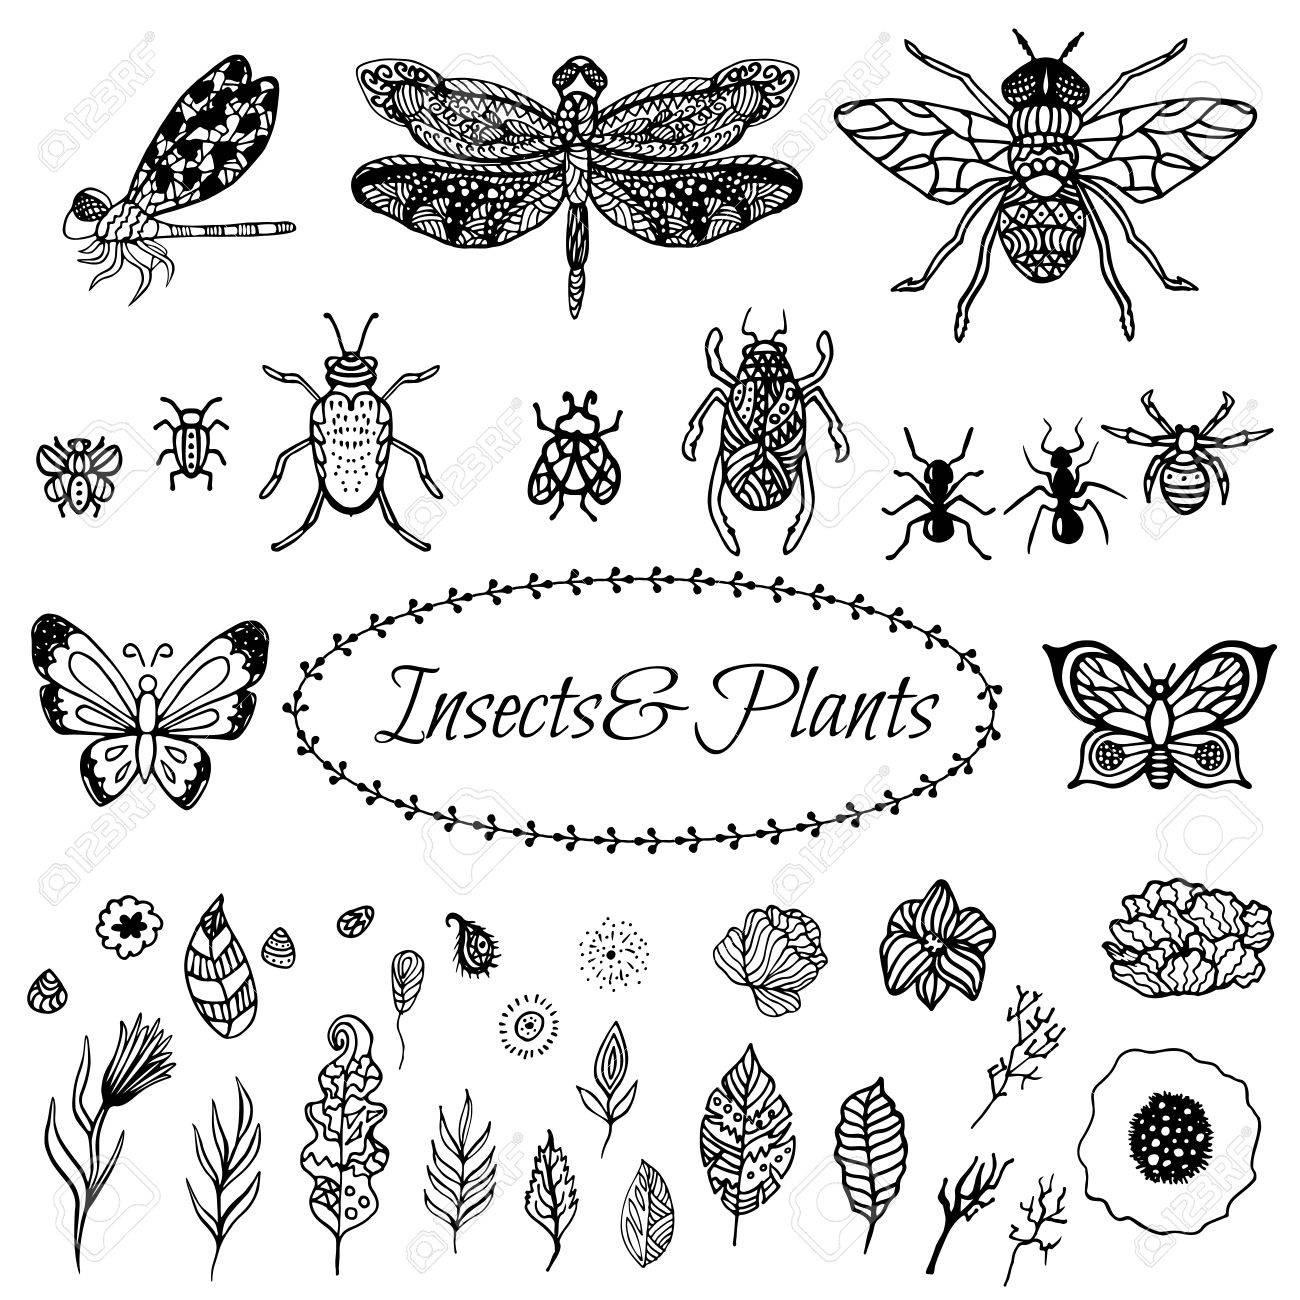 Kleurplaten Van Insecten.Hand Getrokken Vector Zentangle Zwarte Bladeren Bloemen En Insecten